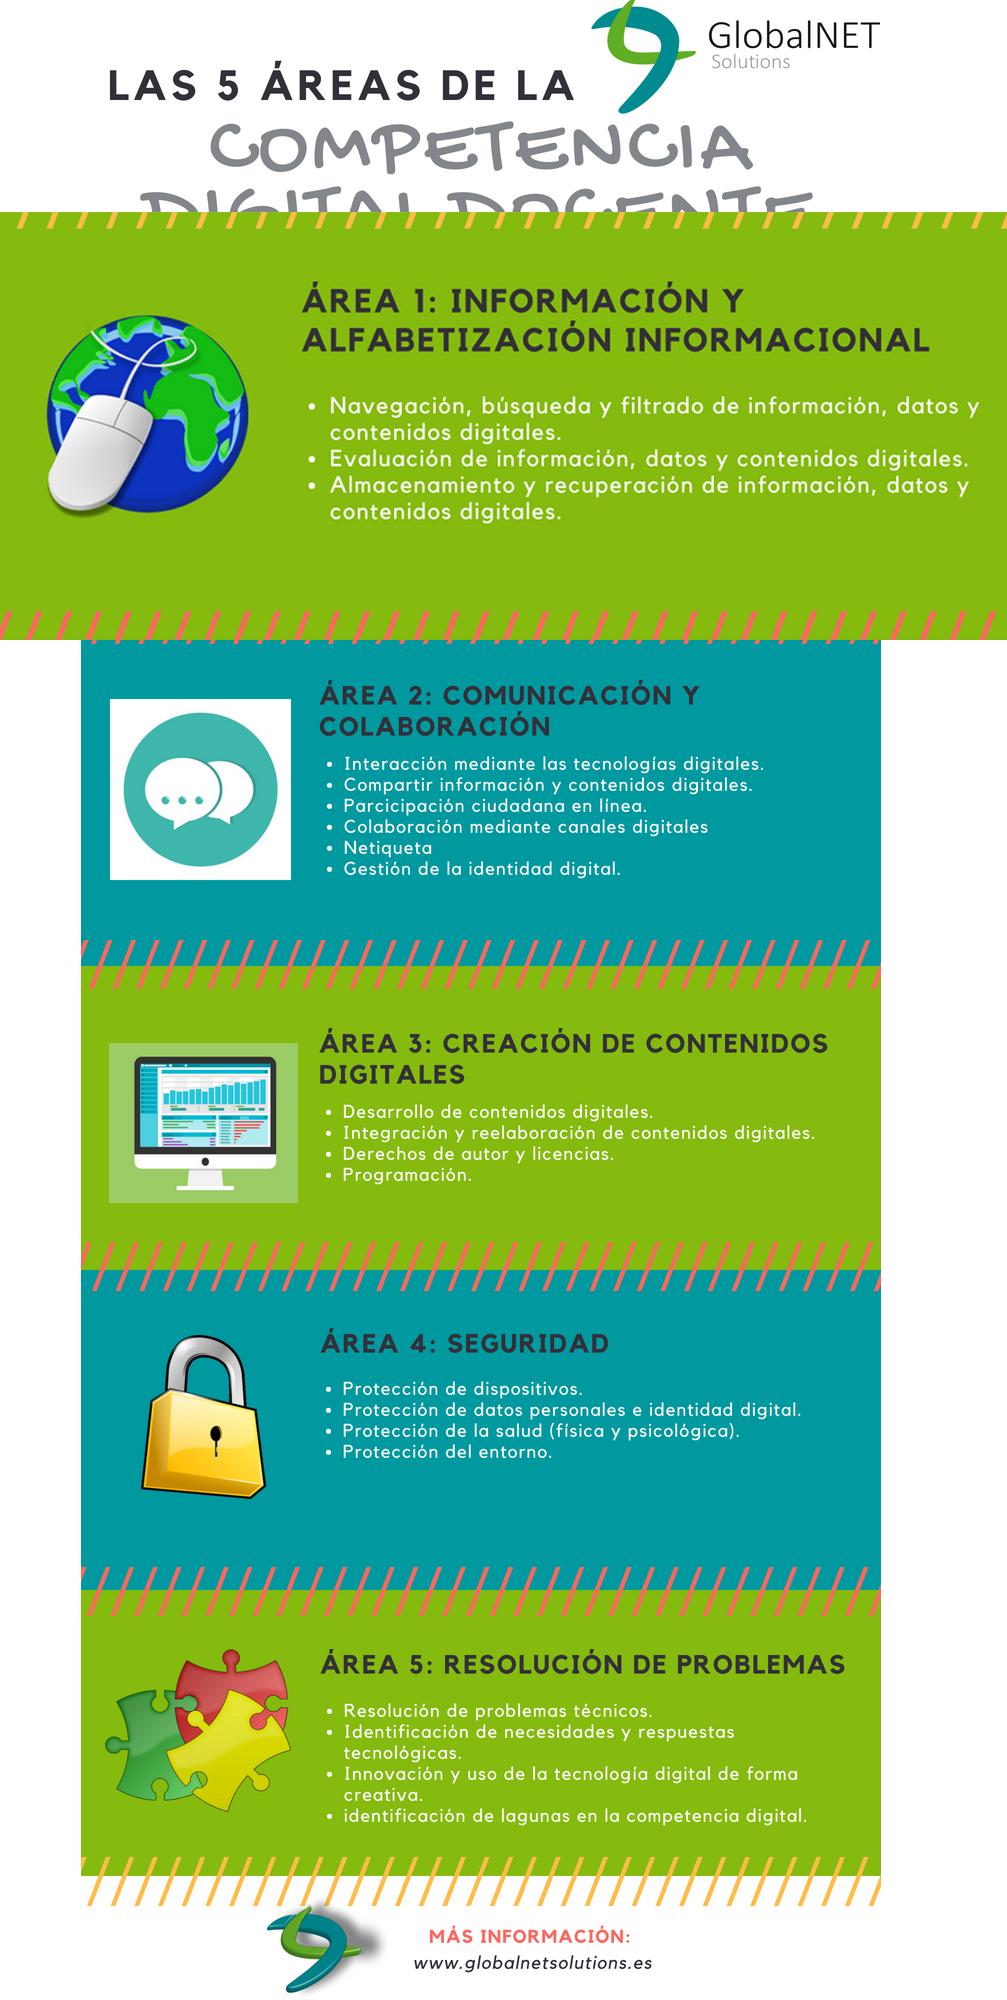 Área 1: Información y alfabetización informacional